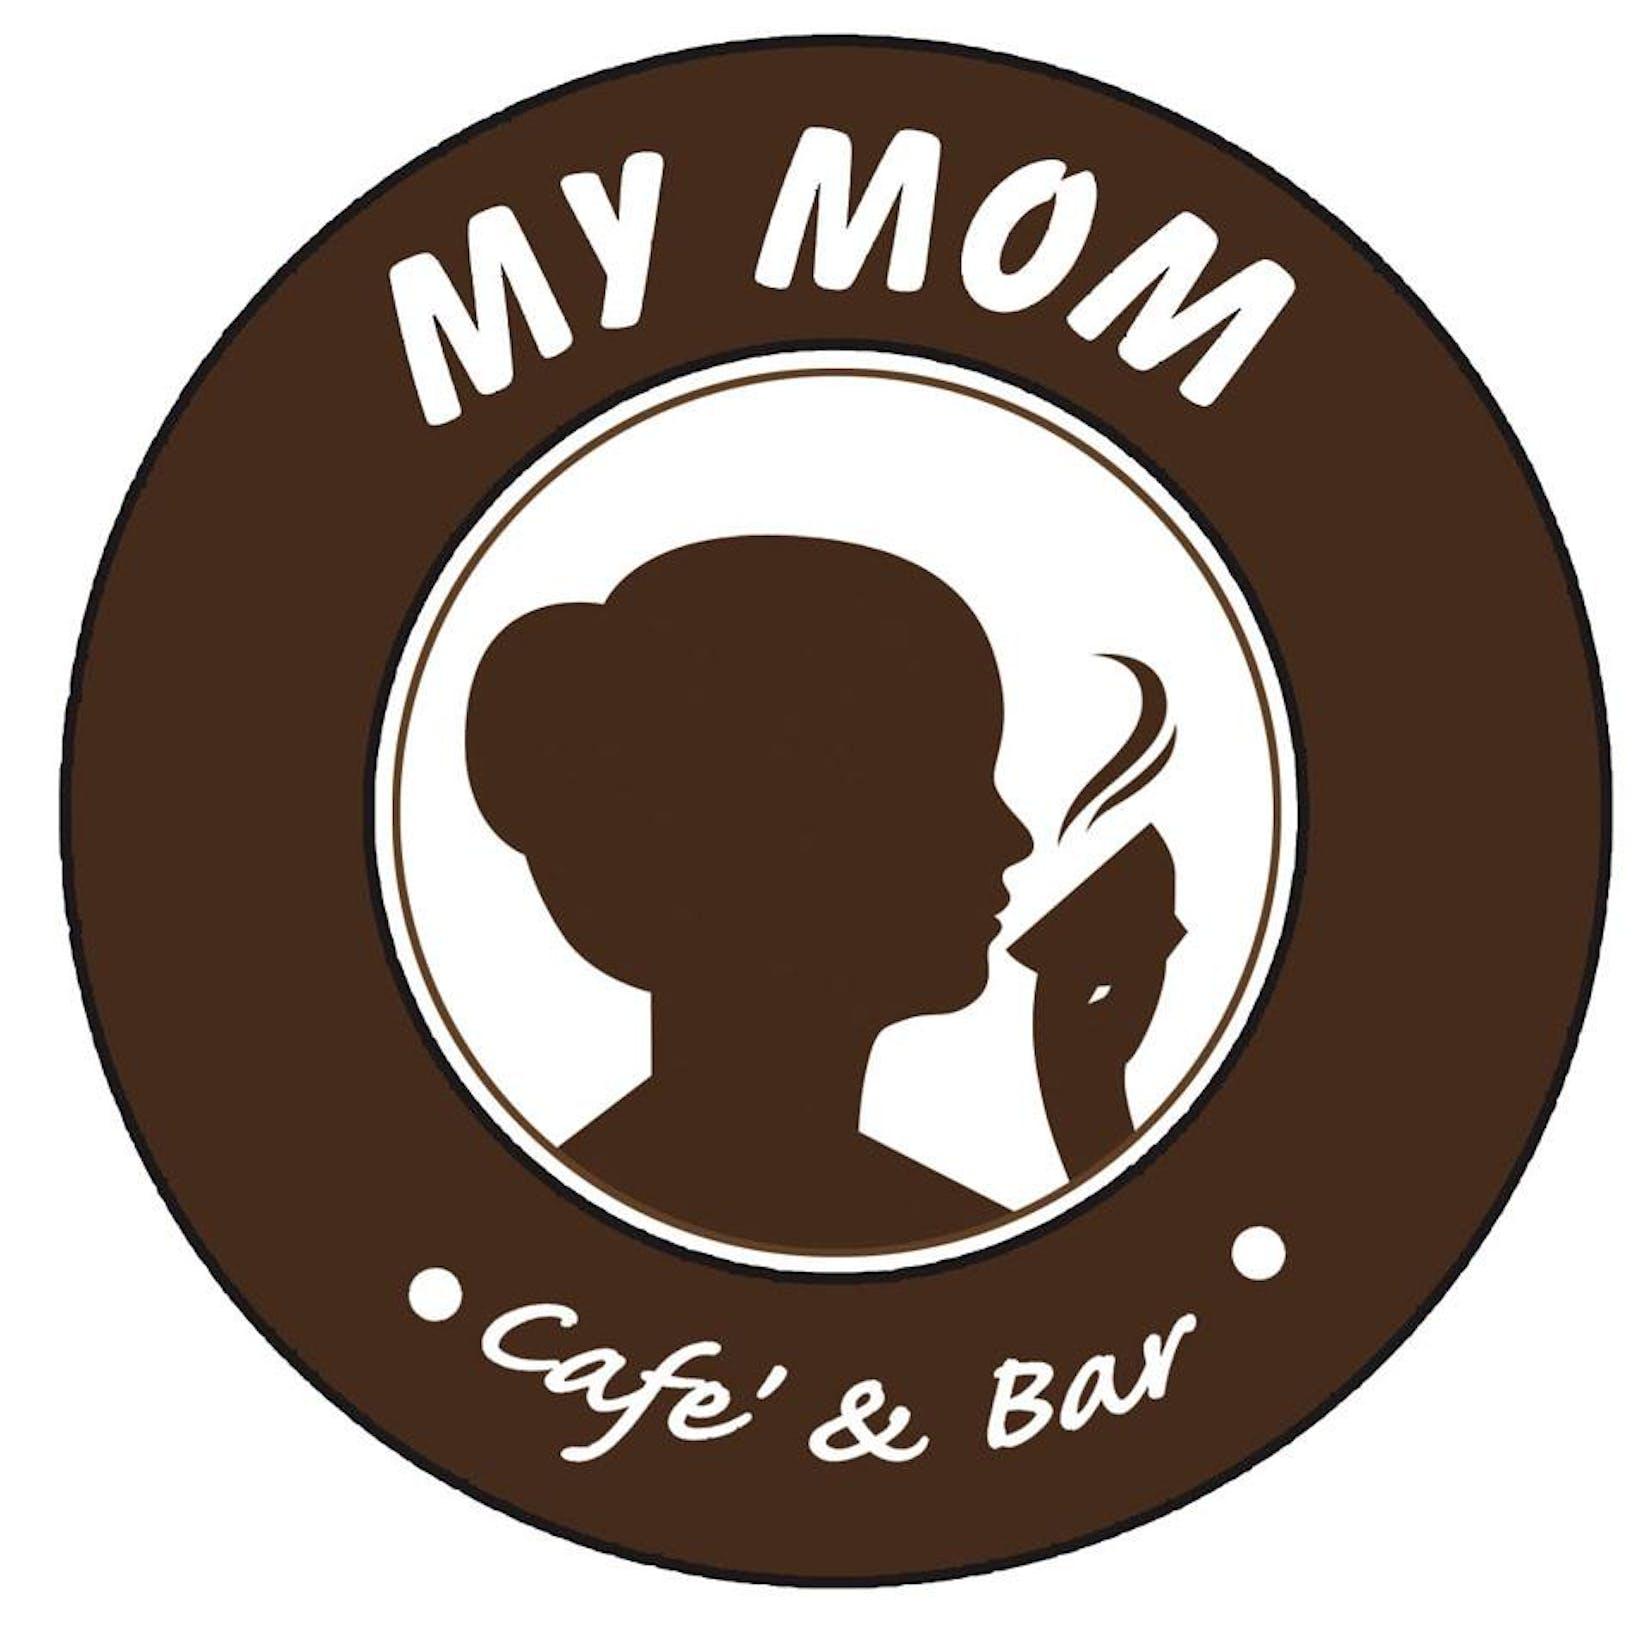 My Mom Cafe & Bar | yathar